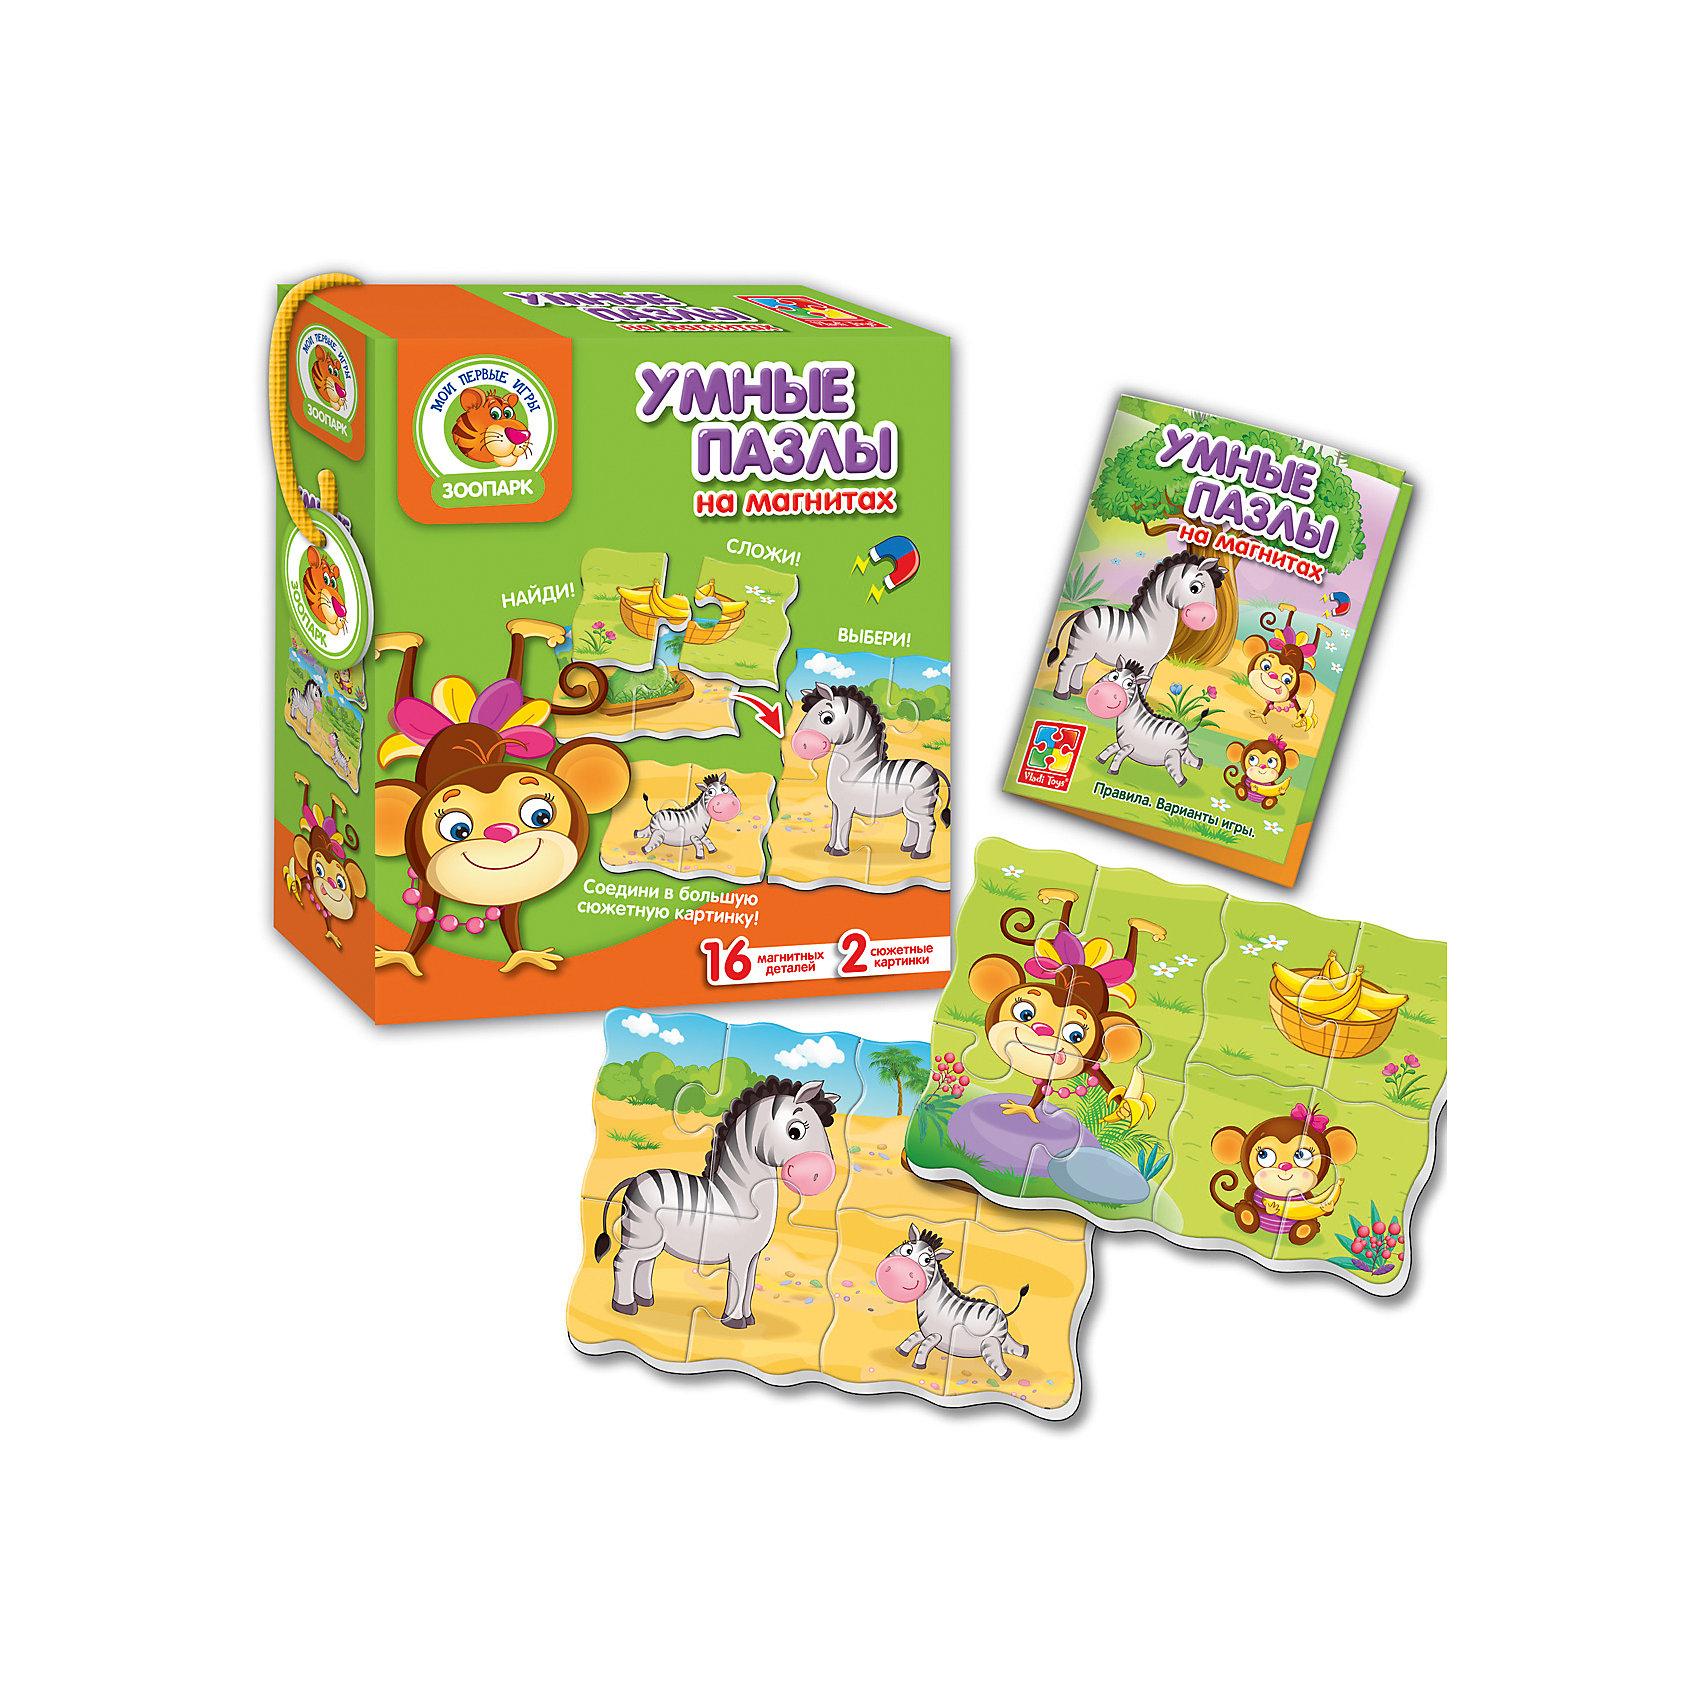 Умные пазлы на магнитах Зоопарк, Vladi ToysКоличество деталей<br>Характеристики:<br><br>• Вид игр: развивающие<br>• Серия: пазлы-магниты<br>• Пол: универсальный<br>• Материал: полимер, картон, магнит<br>• Цвет: голубой, черный, белый, желтый, зеленый коричневый и др.<br>• Комплектация: 2 картинки из 16 элементов, инструкция<br>• Размеры (Д*Ш*В): 18*5*21 см<br>• Тип упаковки: картонная коробка<br>• Вес: 180 г<br>• Предусмотрено несколько вариантов игр<br>• Возможность вариации заданий по сложности <br><br>Умные пазлы на магнитах Зоопарк, Vladi Toys, производителем которых является компания, специализирующаяся на выпуске развивающих игр, давно уже стали популярными среди аналогичной продукции. Мягкие пазлы – идеальное решение для развивающих занятий с самыми маленькими детьми, так как они разделены на большие элементы с крупными изображениями, чаще всего в качестве картинок используются герои популярных мультсериалов. Самое важное в пазле для малышей – это минимум деталей и безопасность элементов. Все используемые в производстве материалы являются экологически безопасными, не вызывают аллергии, не имеют запаха. Умные пазлы на магнитах Зоопарк, Vladi Toys представляют собой 2 сюжетные картинки, которая можно собирать как по отдельности, так и объединять в одну. Игра предусматривает несколько вариантов заданий, сложность которых может быть различной. На картинке изображены взрослые животные с малышами.<br>Занятия с пазлами от Vladi Toys способствуют развитию не только мелкой моторики, но и внимательности, усидчивости, терпению при достижении цели. Кроме того, по собранной картинке можно составлять рассказ, что позволит развивать речевые навыки, память и воображение.<br><br>Умные пазлы на магнитах Зоопарк, Vladi Toys можно купить в нашем интернет-магазине.<br><br>Ширина мм: 180<br>Глубина мм: 50<br>Высота мм: 210<br>Вес г: 0<br>Возраст от месяцев: 24<br>Возраст до месяцев: 60<br>Пол: Унисекс<br>Возраст: Детский<br>SKU: 5136101